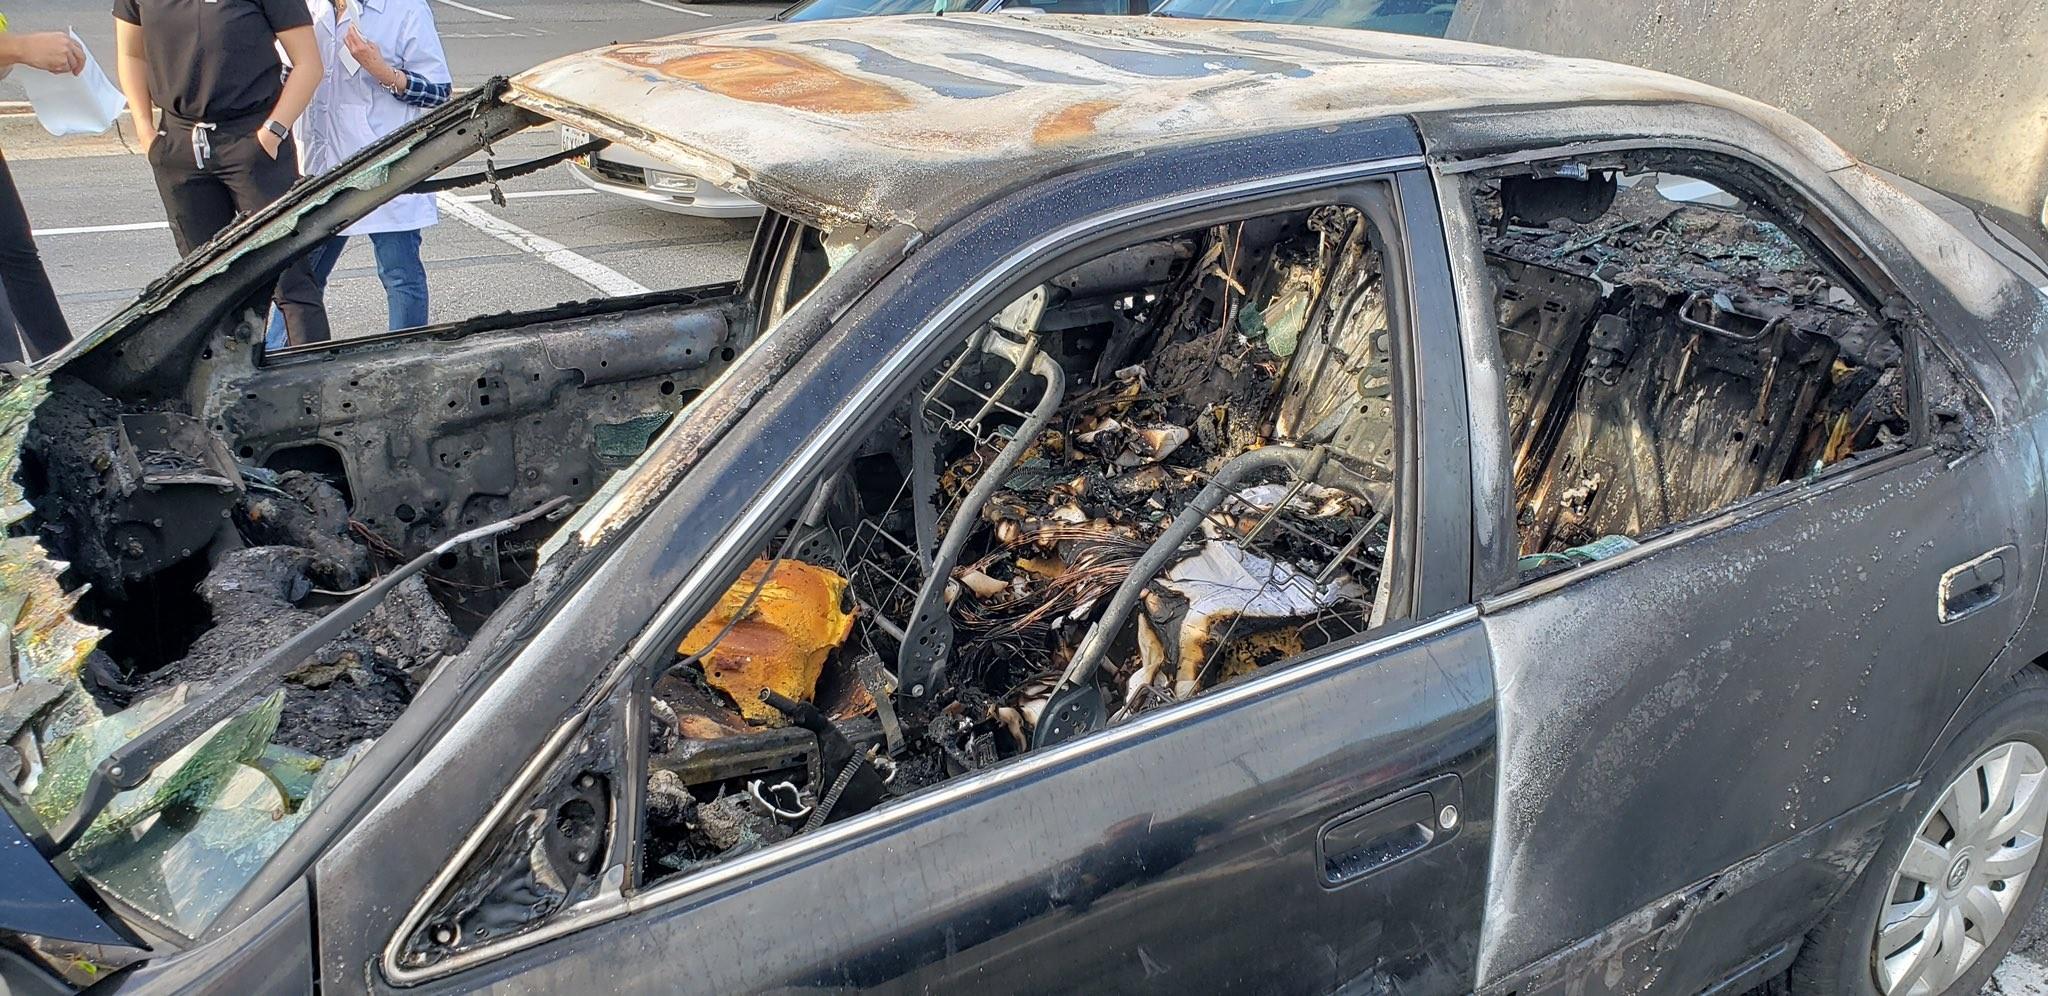 Motorista acende cigarro depois de passar álcool em gel nas mãos e carro pega fogo (Foto: Reprodução/Twitter)